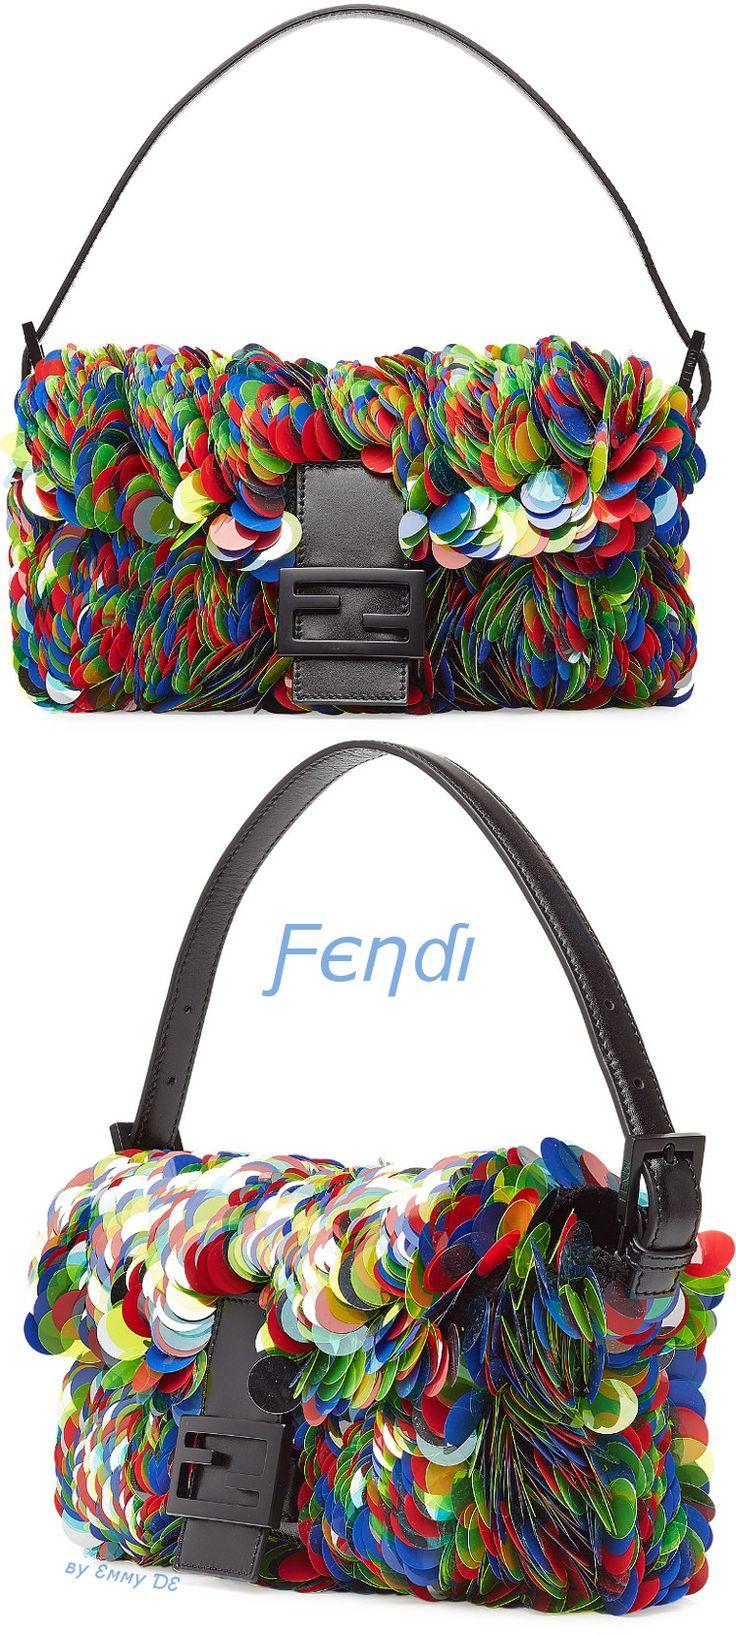 Emmy DE * Fendi Embellished Baguette Bag 2015